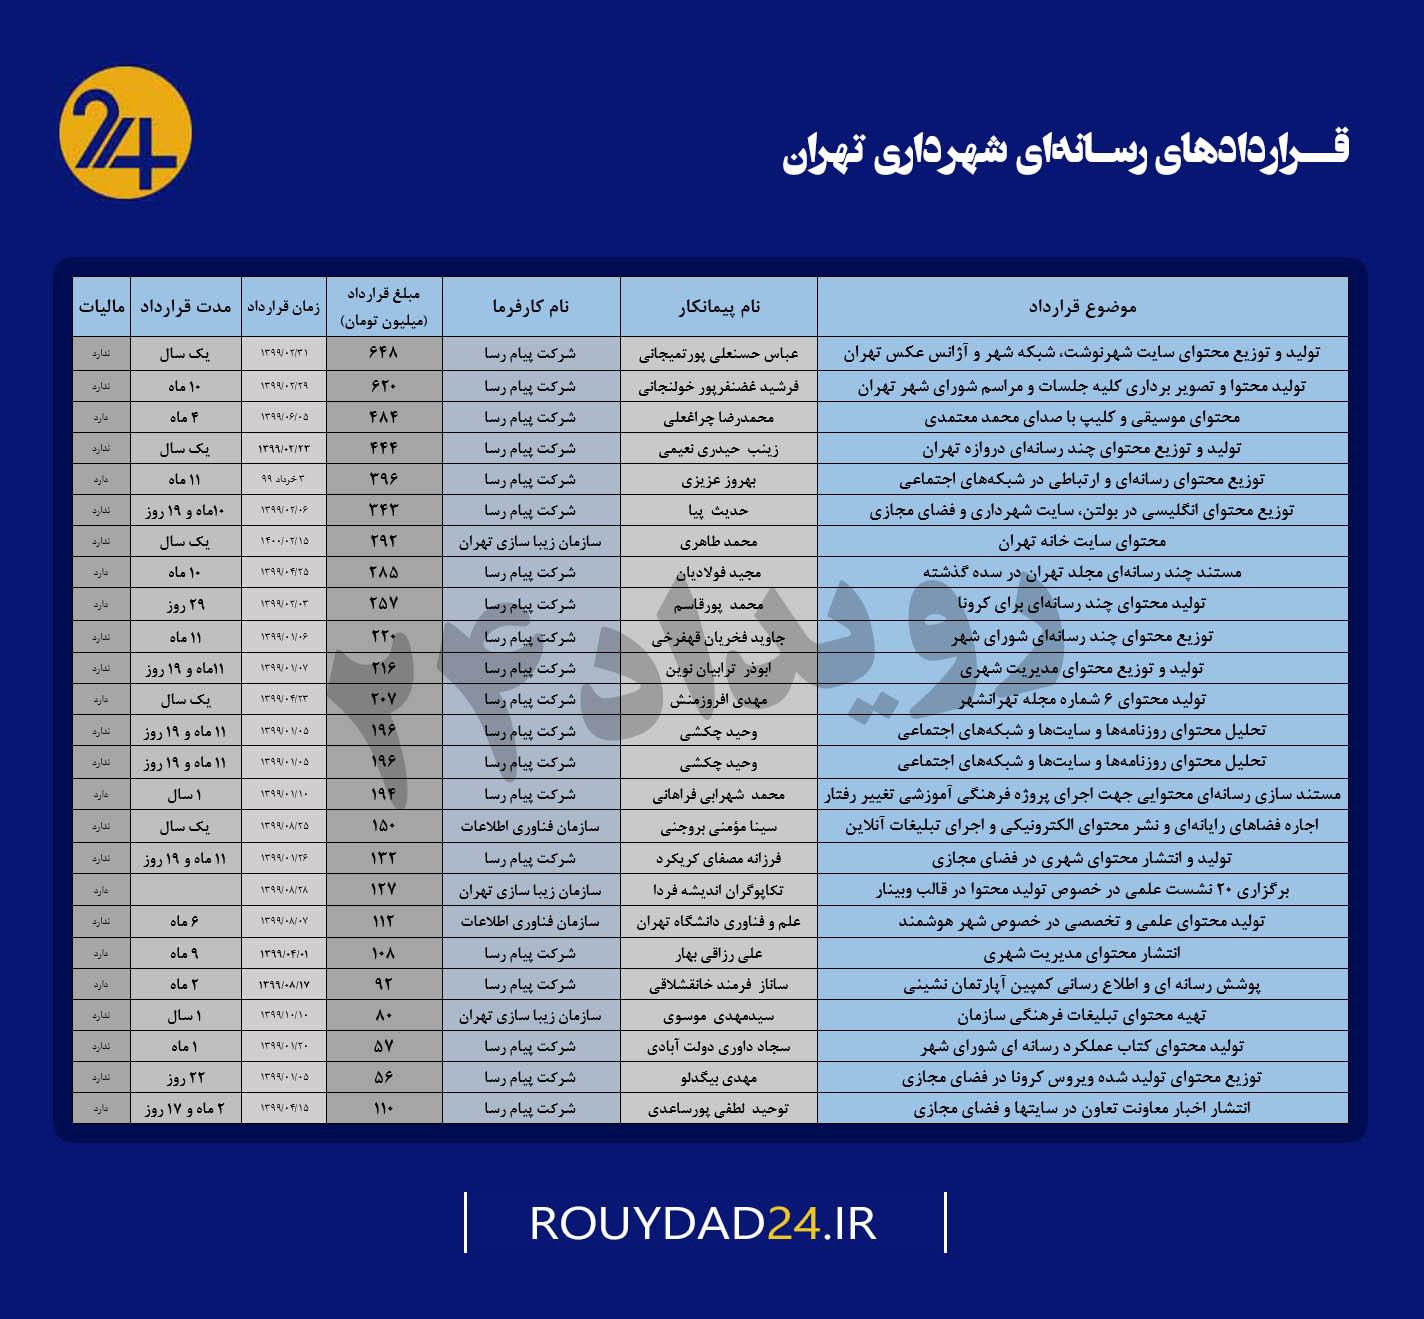 قراردهای شهرداری تهران